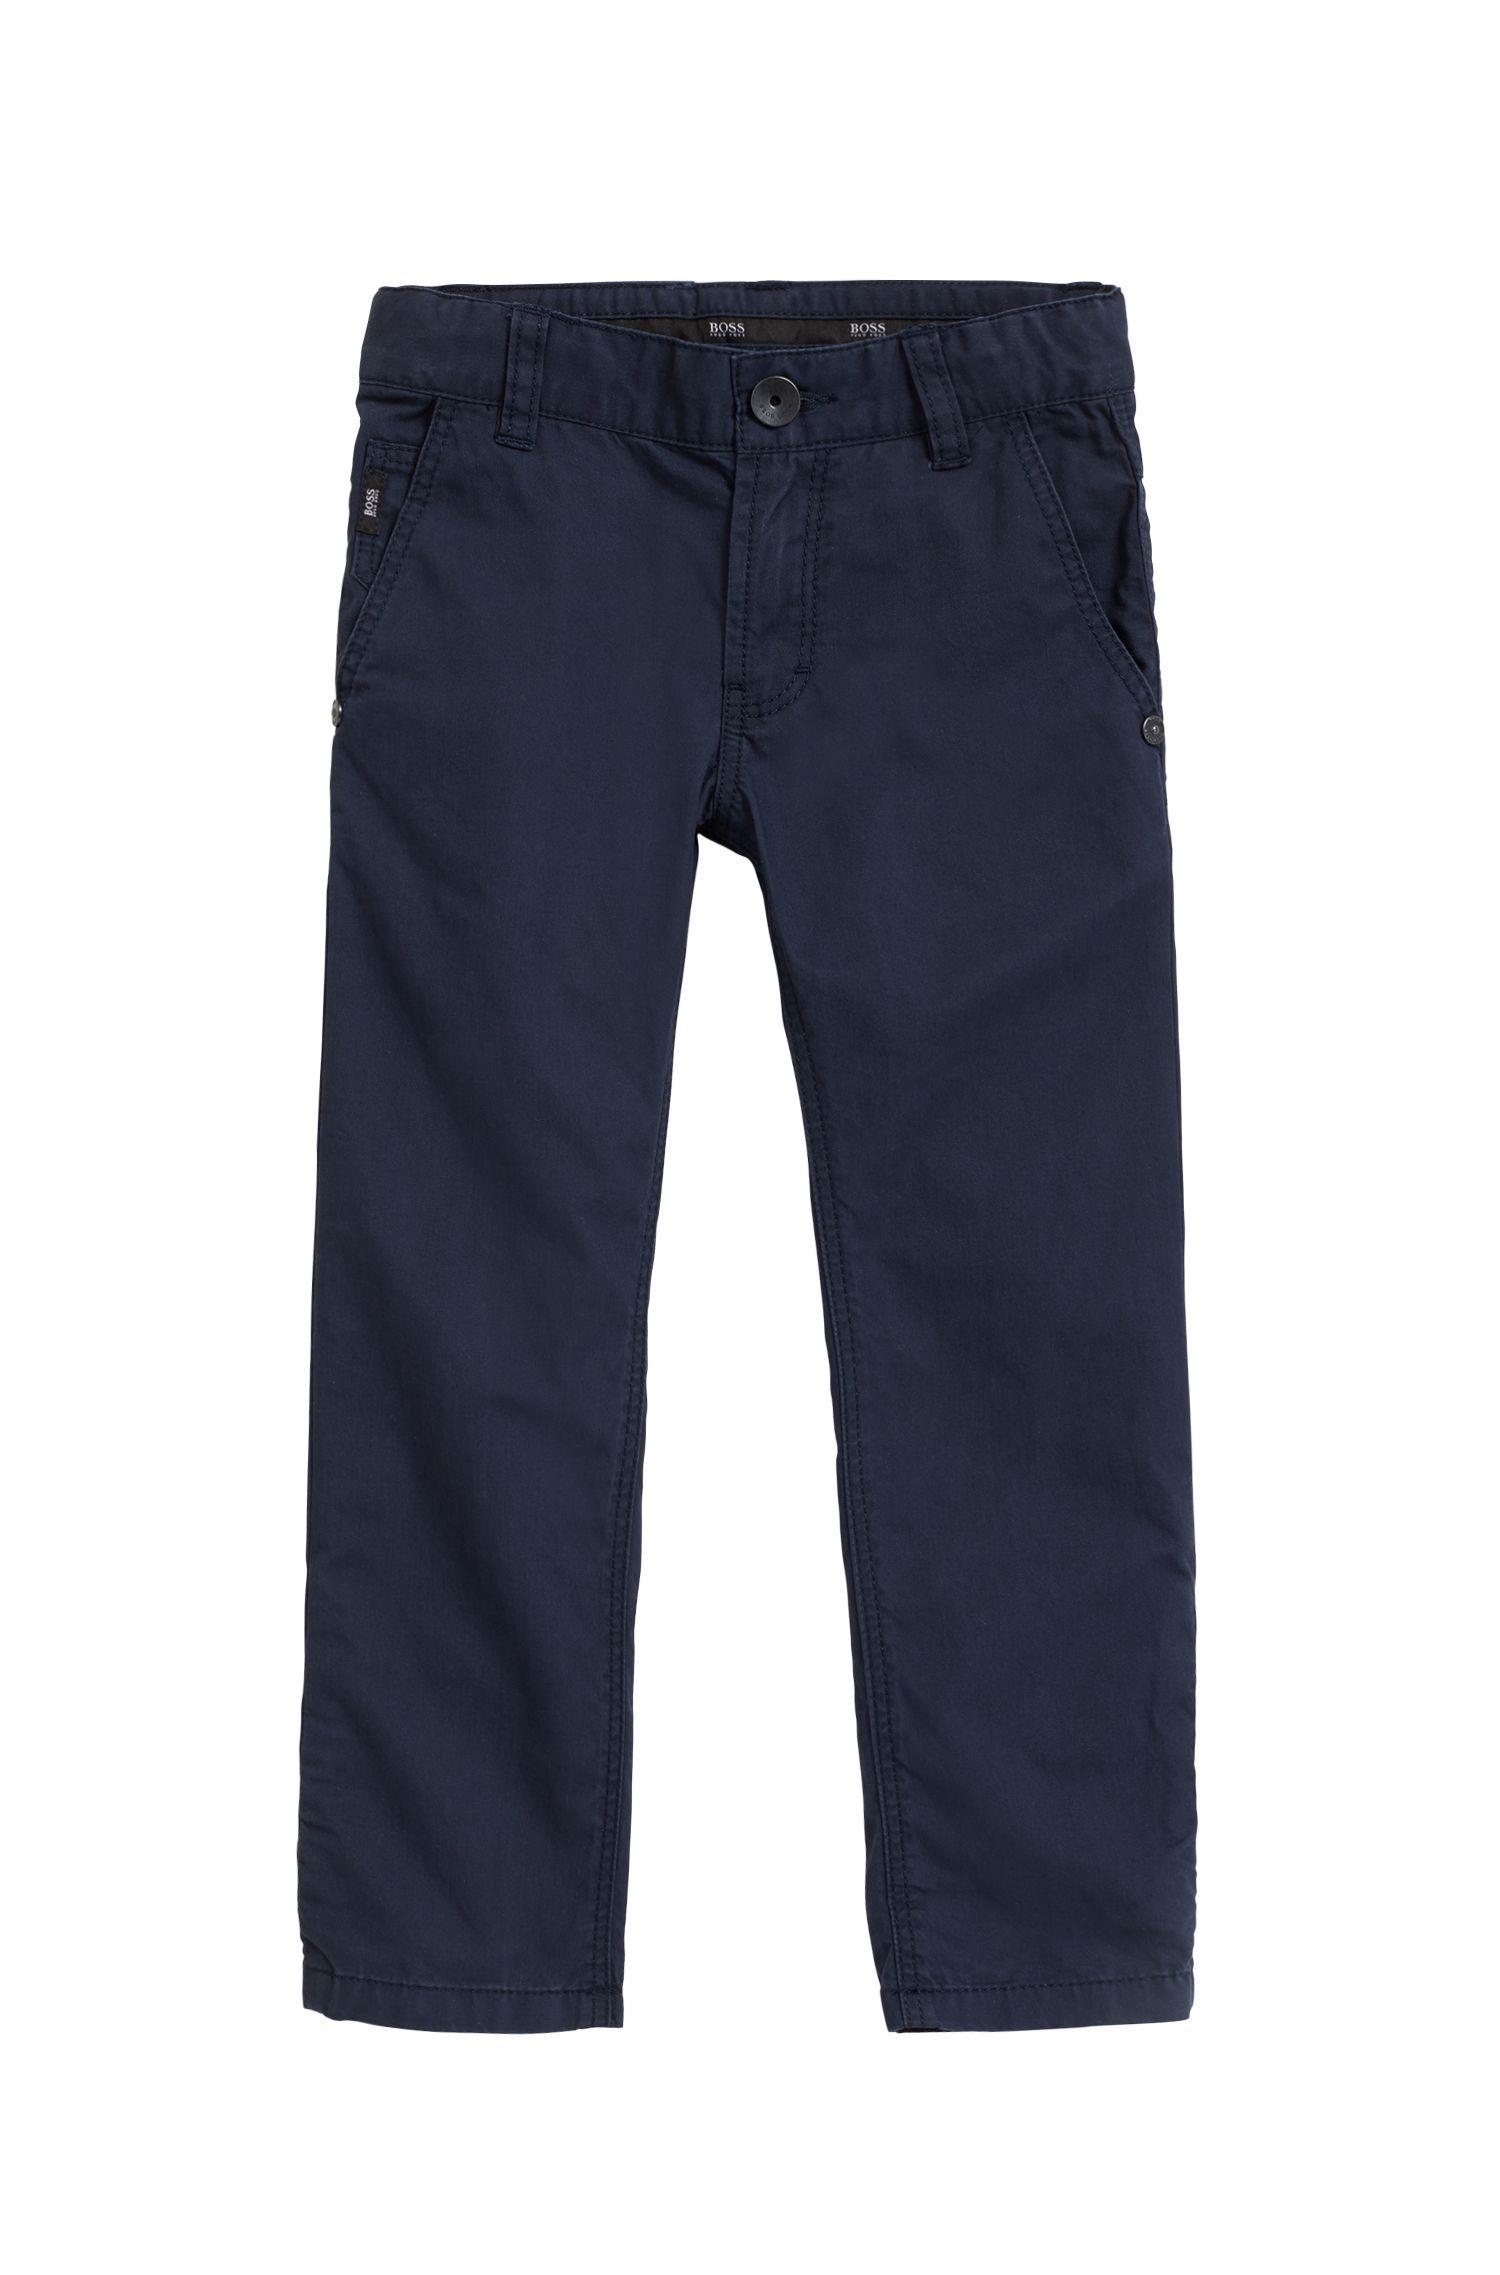 Pantaloni casual da bambino in twill di cotone con risvolti particolari